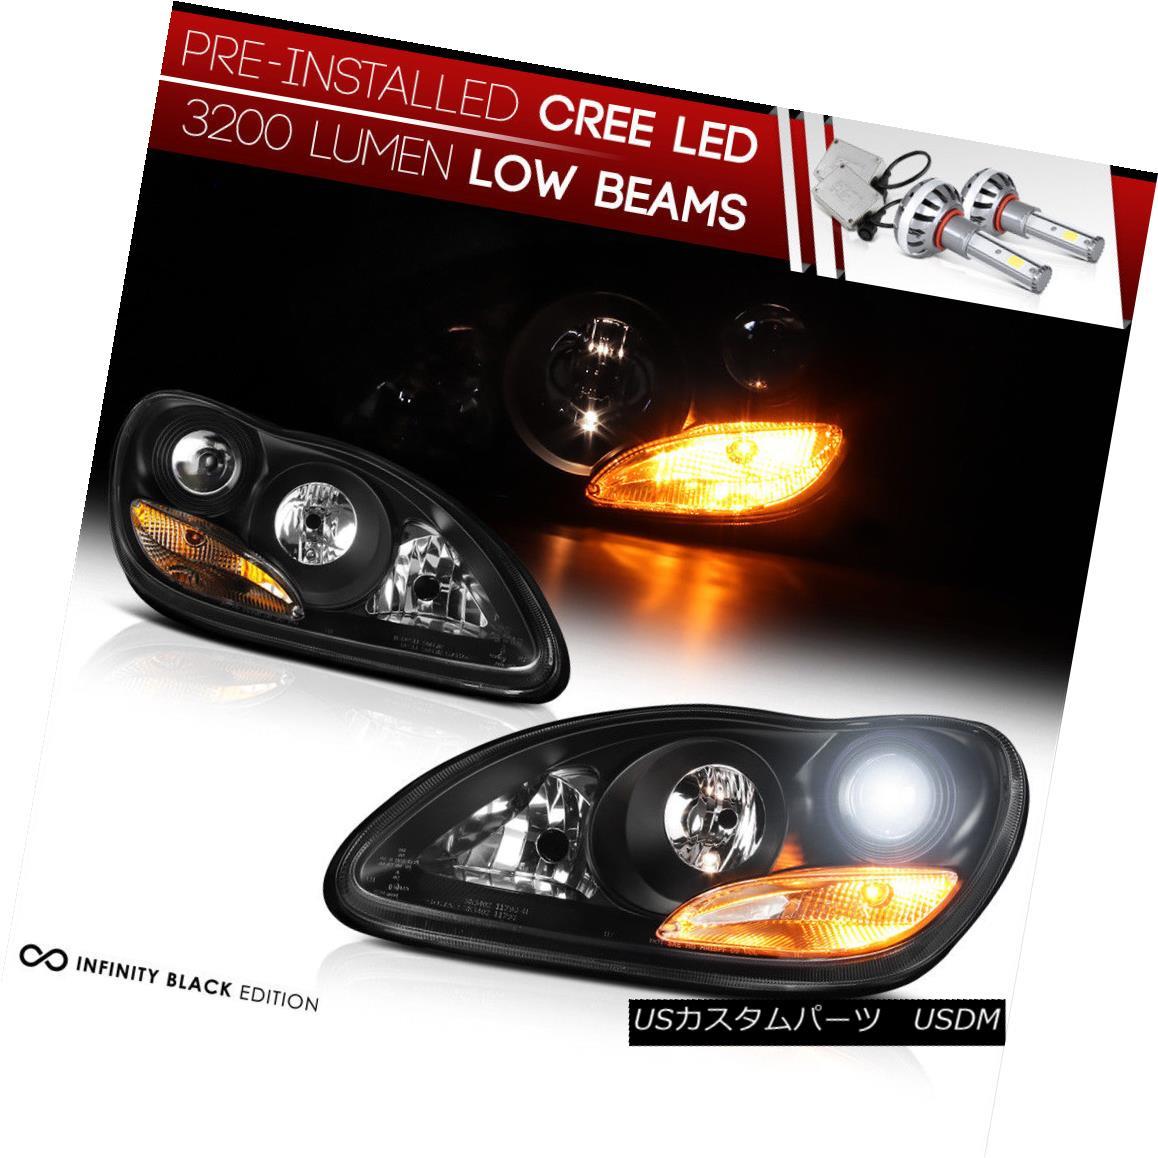 ヘッドライト [LED LOW BEAM] 2000-2005 MB W220 S-Class Black Factory Style Projector Headlight [LEDロービーム] 2000-2005 MB W220 Sクラスブラック工場スタイルプロジェクターヘッドライト